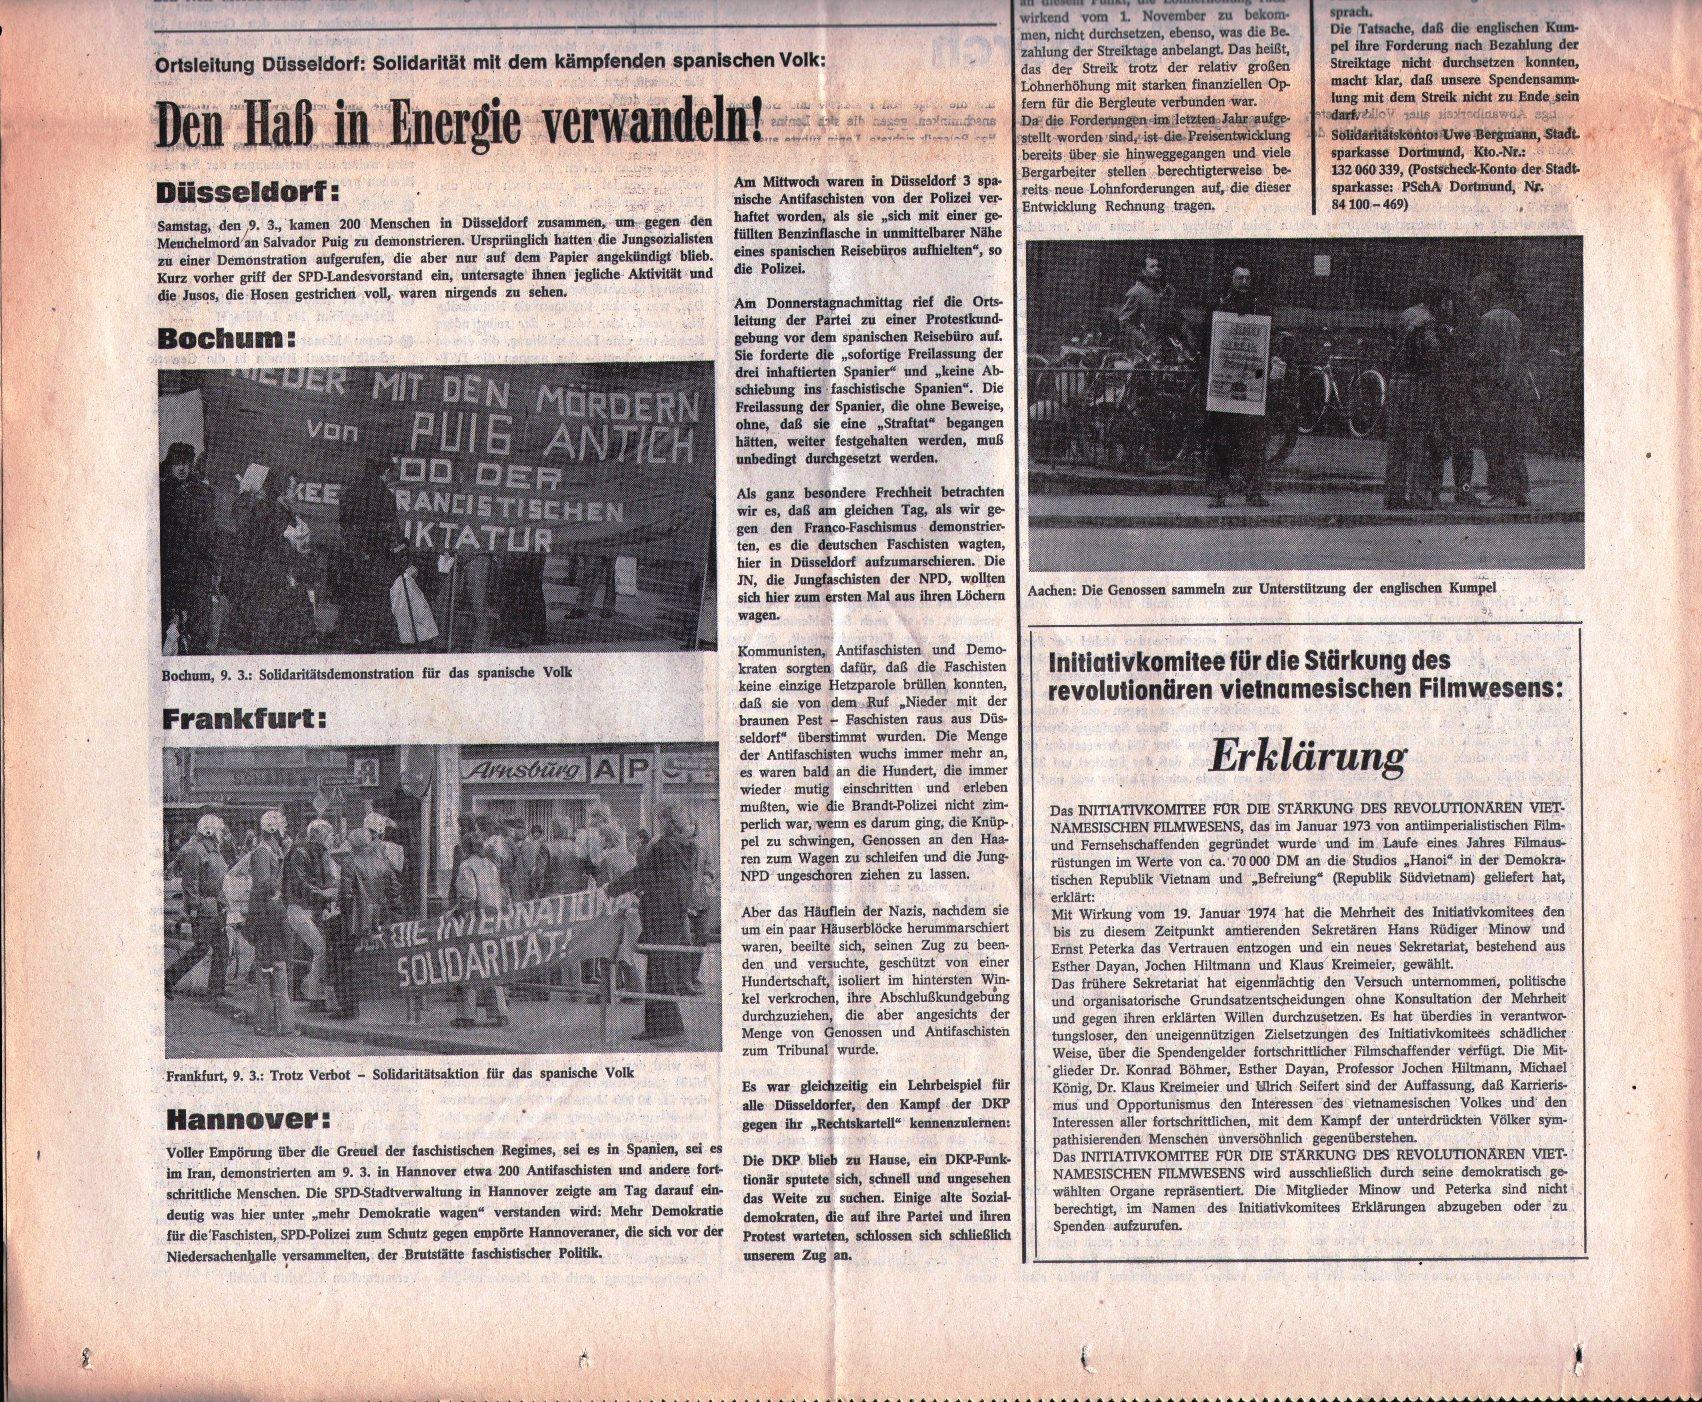 KPD_Rote_Fahne_1974_11_12